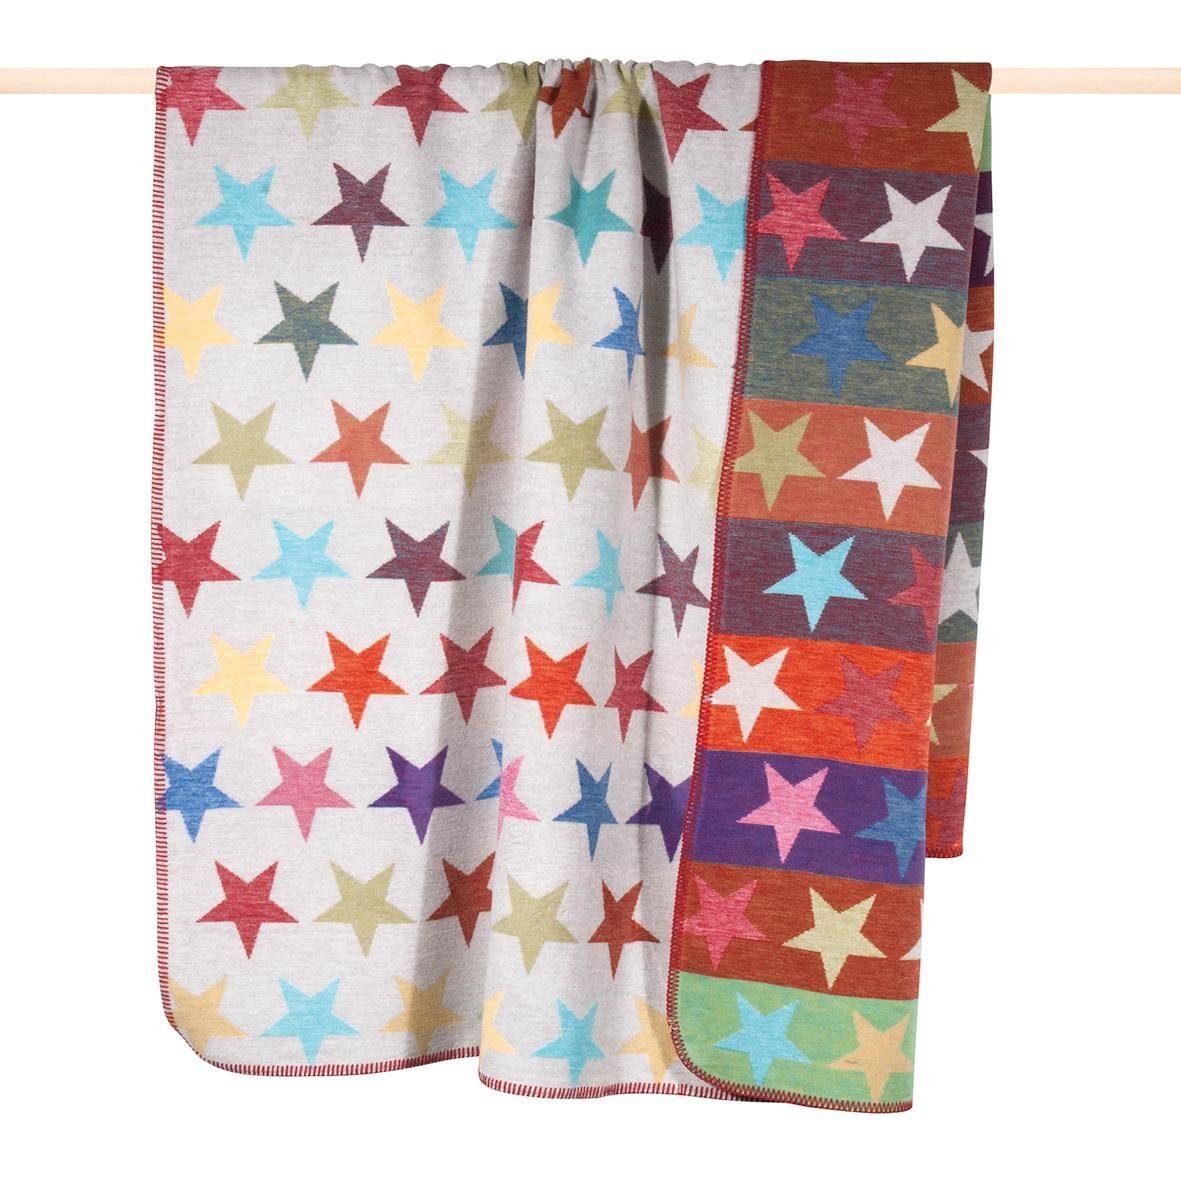 Wohndecke, pad, »Stars Mix«, mit Sternen